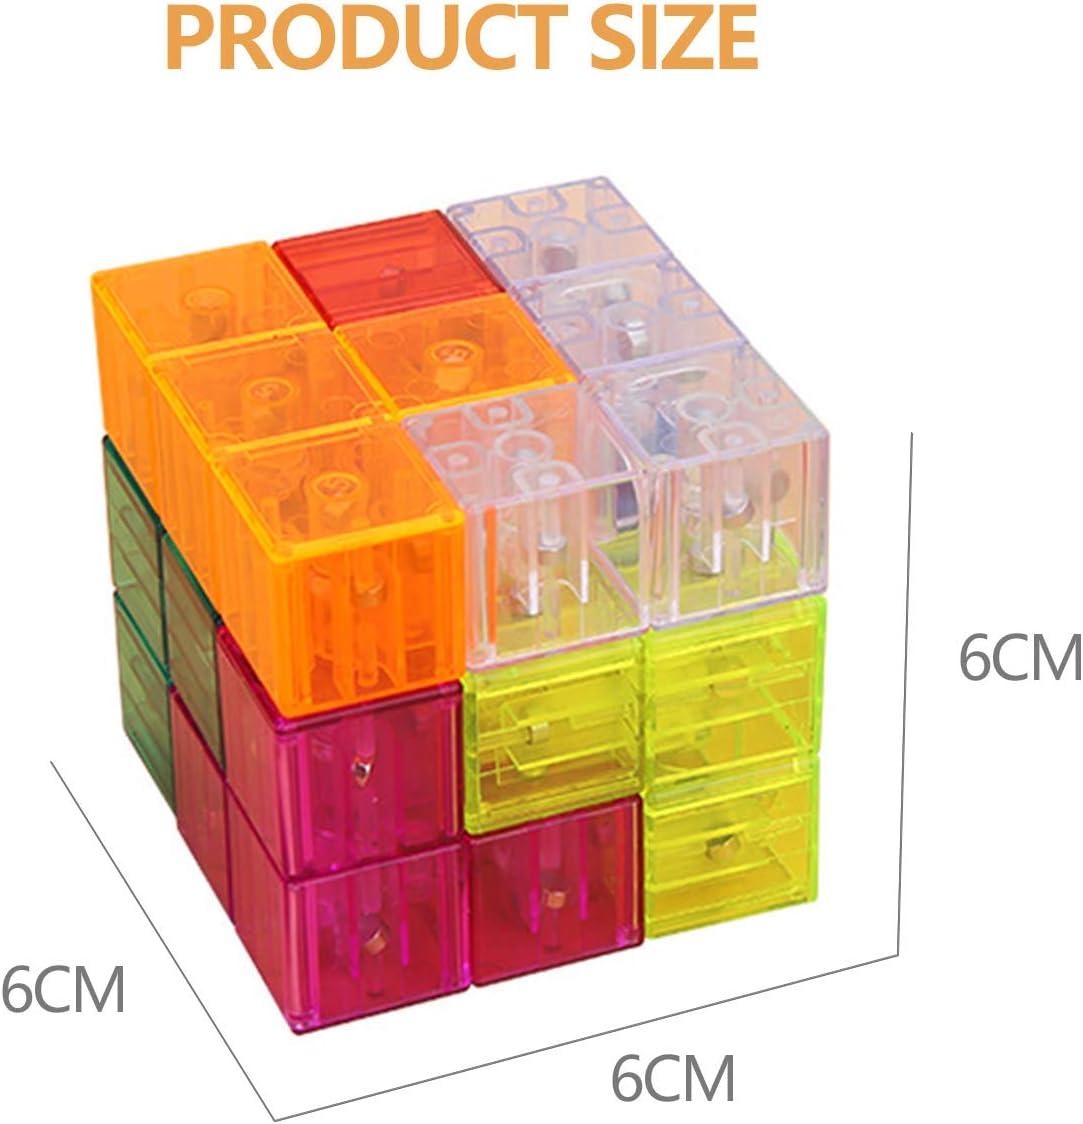 CaLeQi Magn/étique Blocs de Construction Magn/étique Cube Magique Cube Puzzle /Éducation Building Block Jouets pour Les Enfants Enfants Cadeau